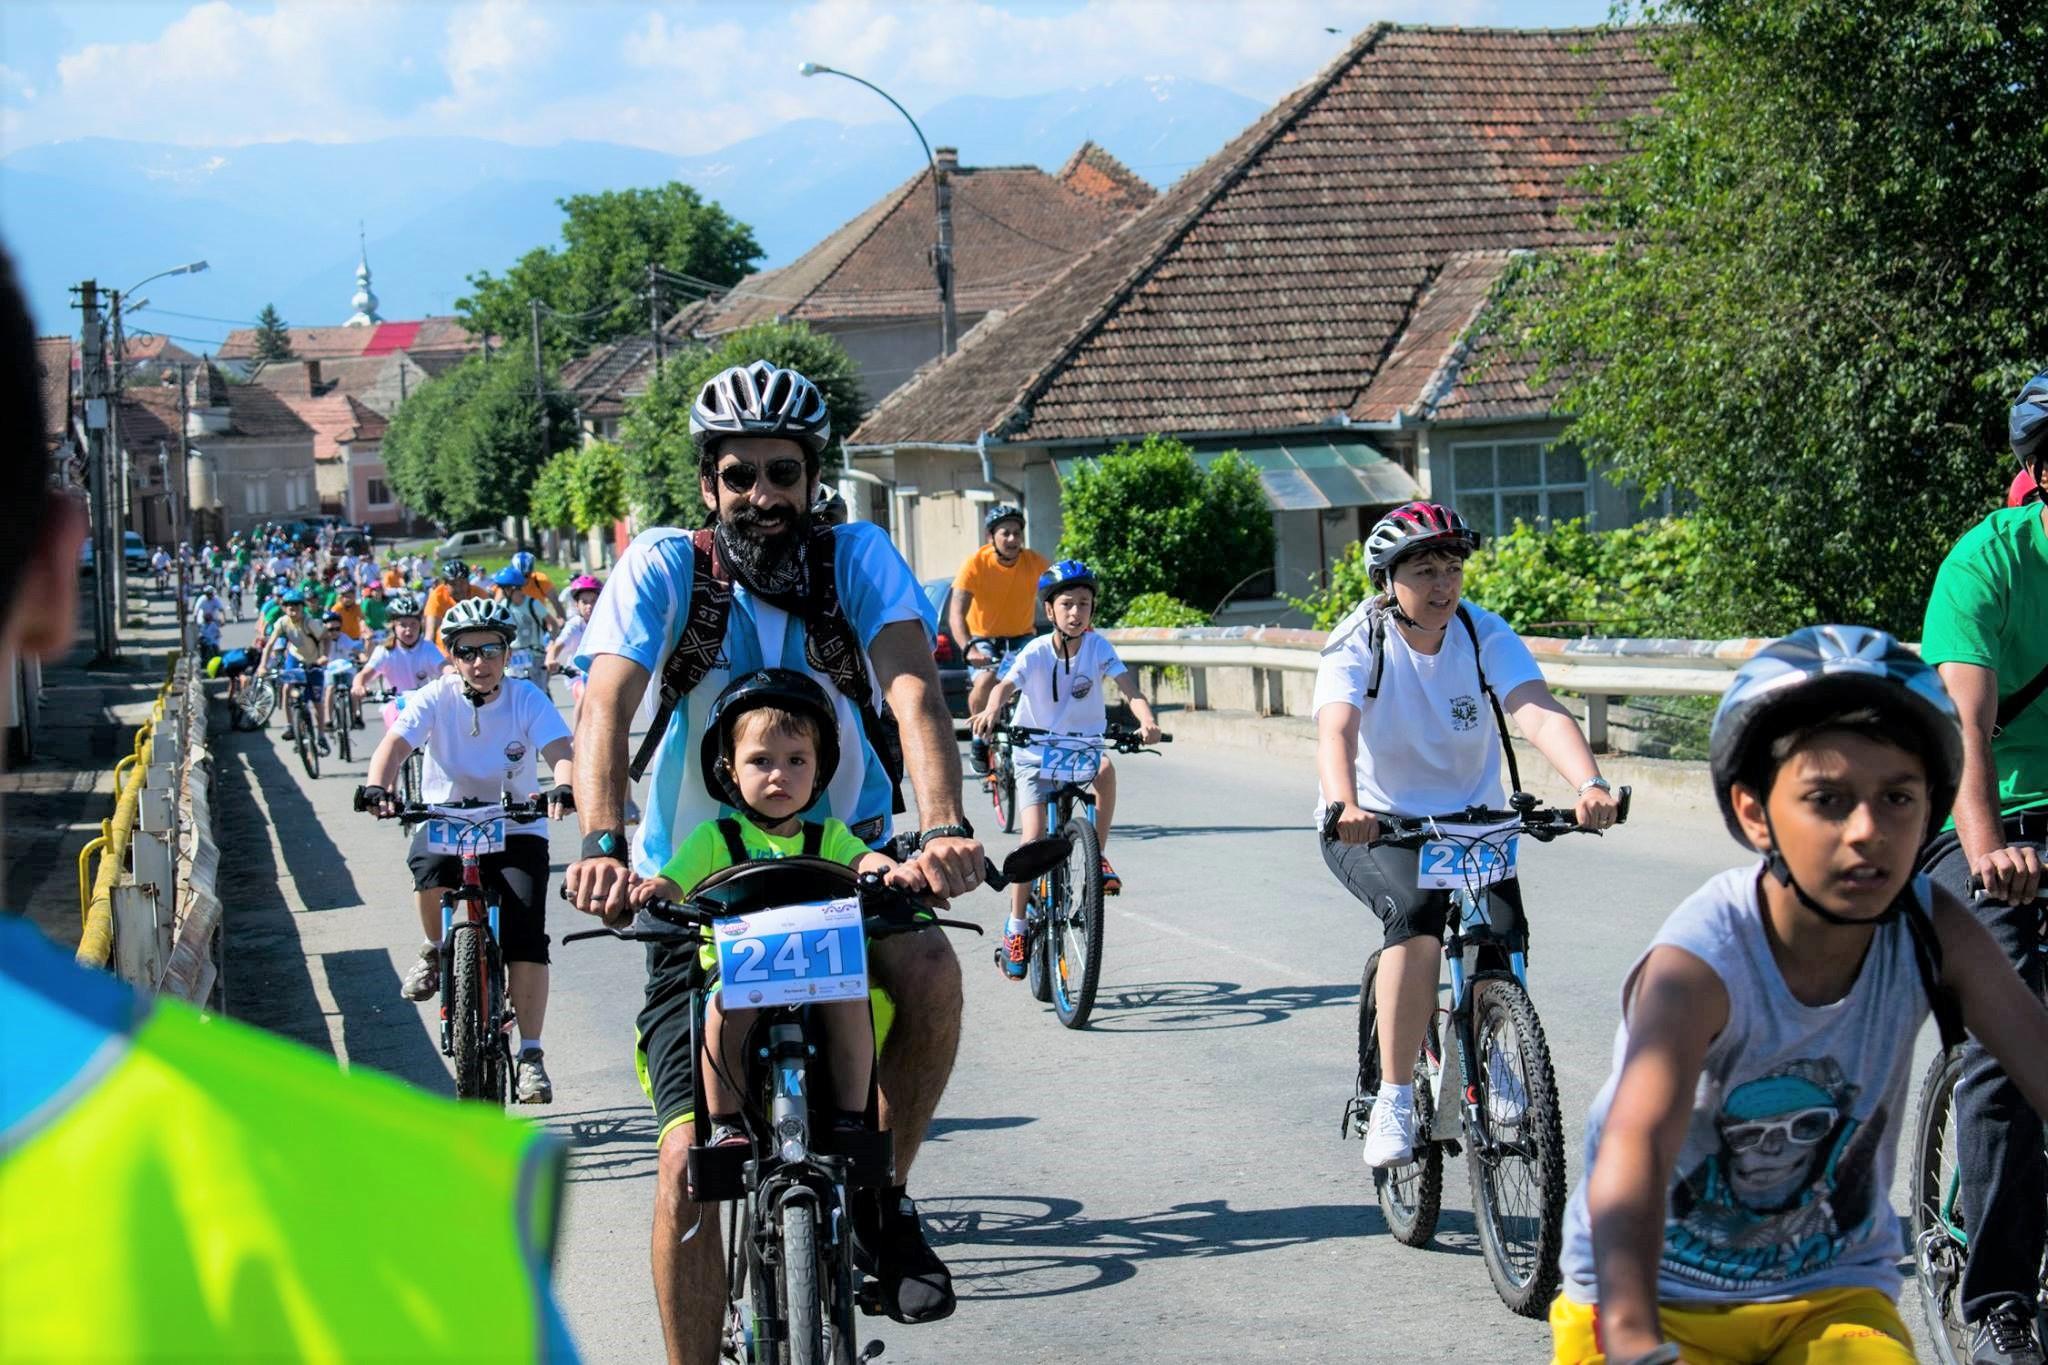 """18 proiecte înscrise la """"Bikeathon Țara Făgărașului"""". Vino și tu să pedalezi pentru comunitate!"""